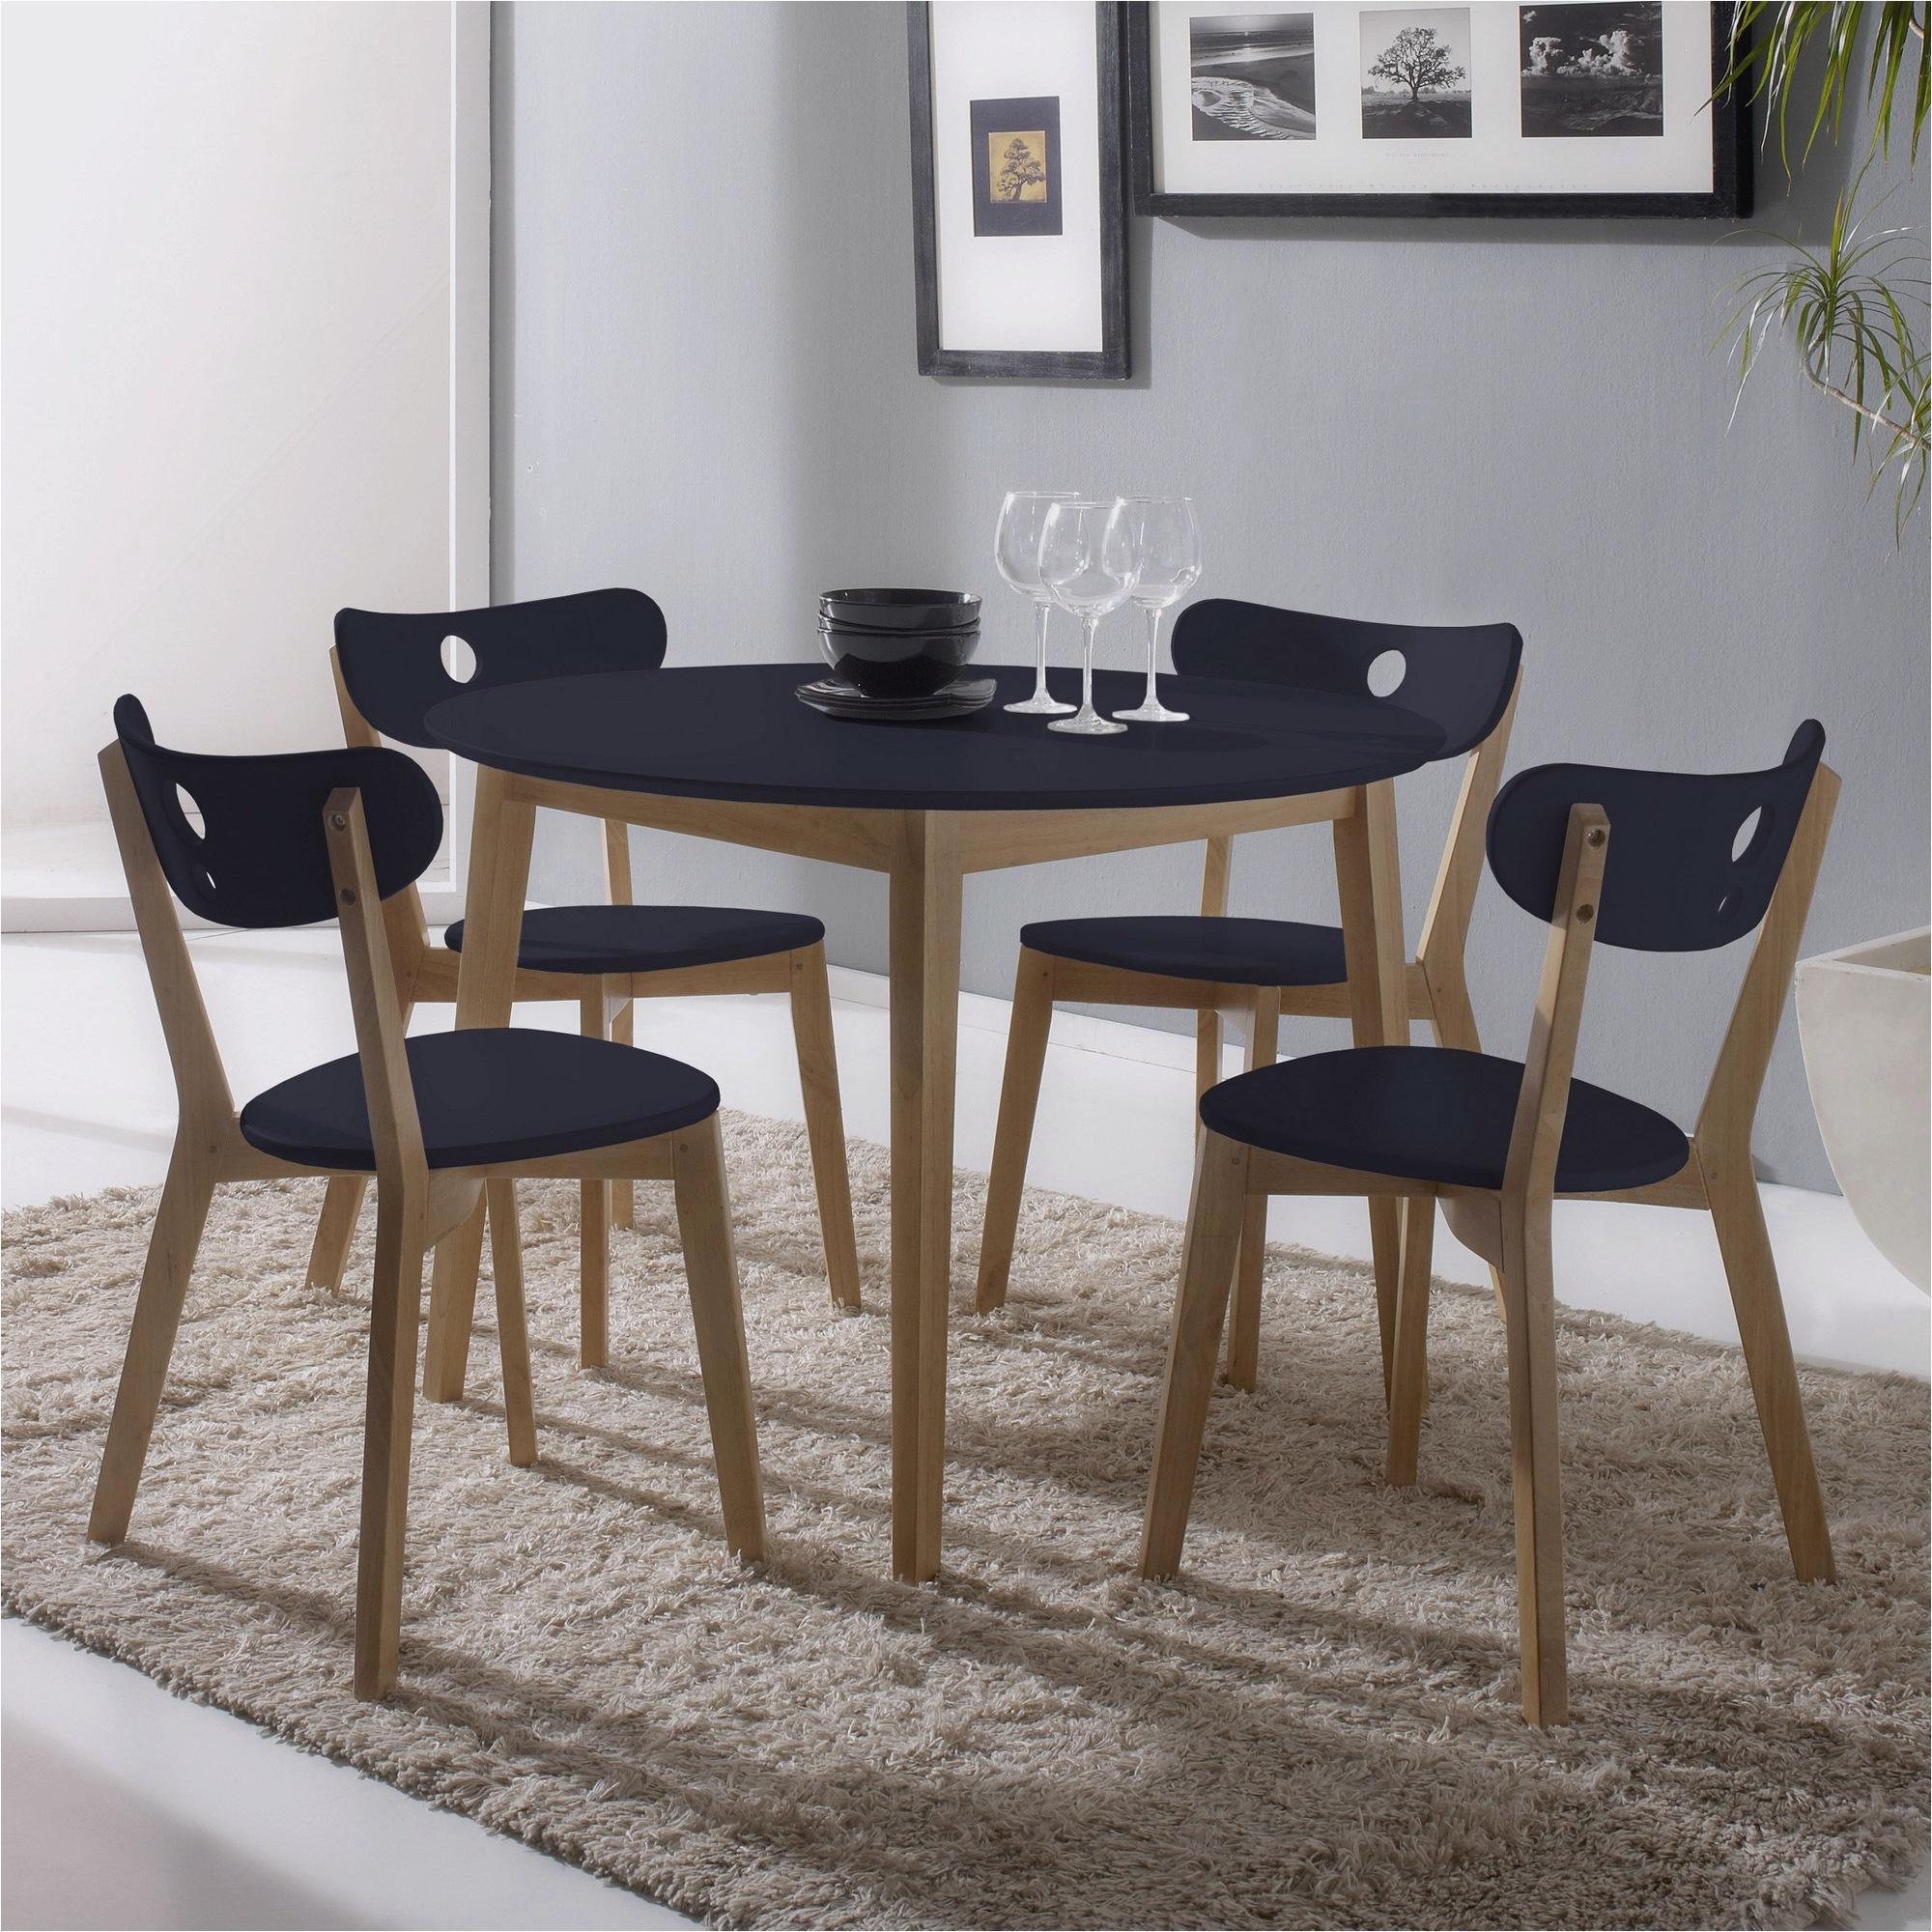 Conforama Tables De Cuisine Nouveau Images Table Suedoise élégant Table Avec Chaise Chaises Conforama Cuisine